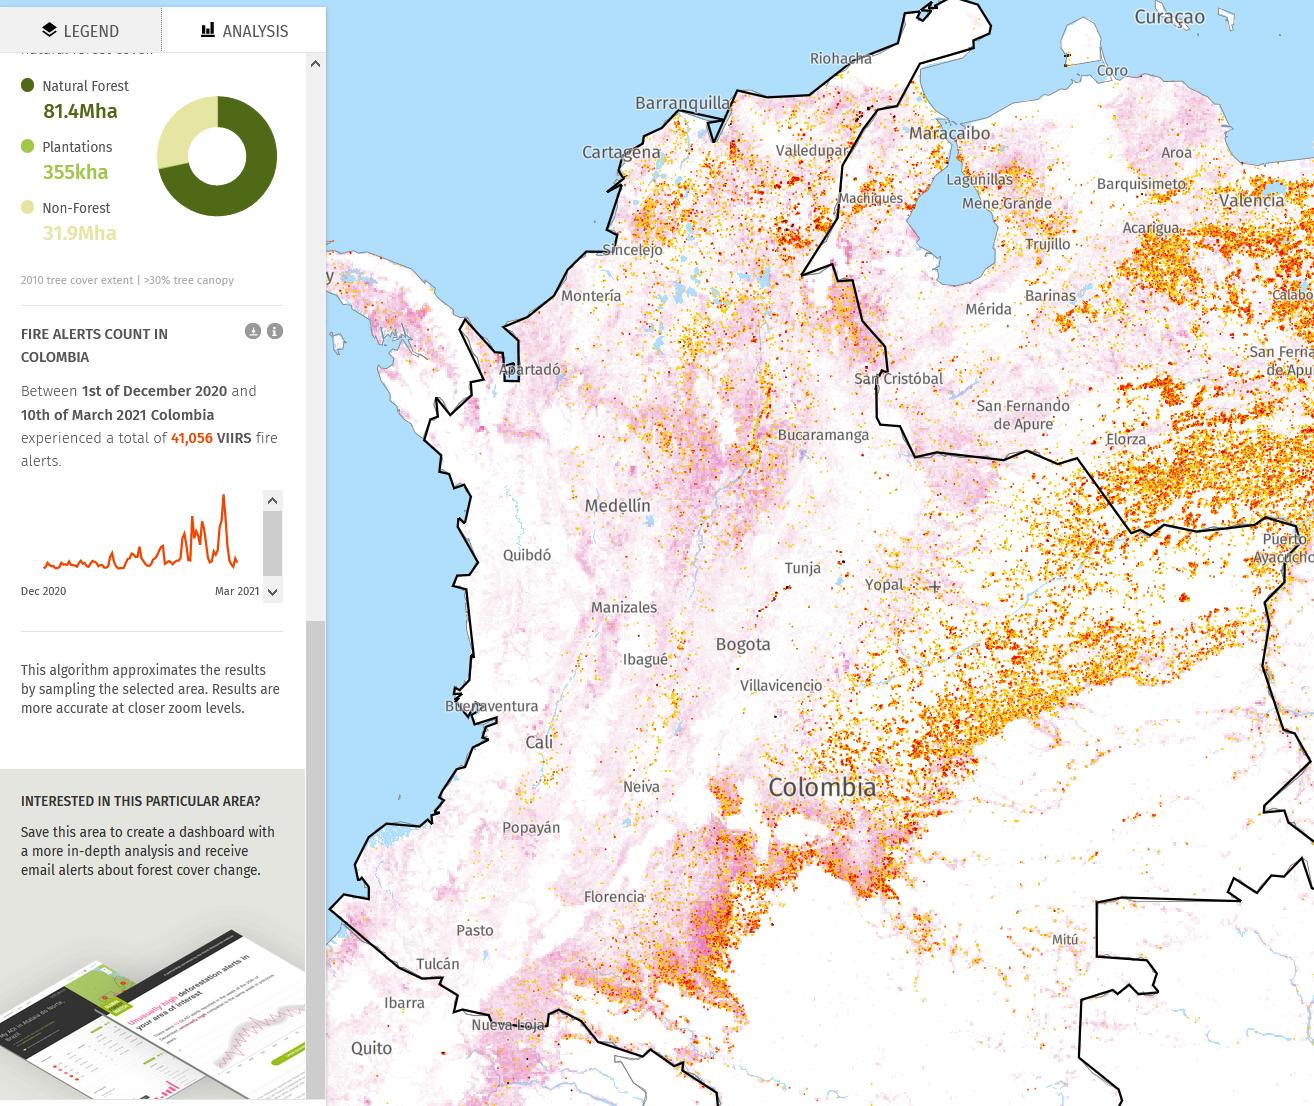 En 16 semanas, desde el 1 de diciembre de 2020 hasta el 10 de marzo de 2021, los satélites registraron más de 41,000 incendios forestales en Colombia (puntos rojos y naranjas) que están asociados con la deforestación que parece rosada. Los incendios son especialmente preocupantes en la Sierra Nevada de Santa Marta, la Serranía de Perijá, el arco del Amazonas y los Llanos. ©Global Forest Watch